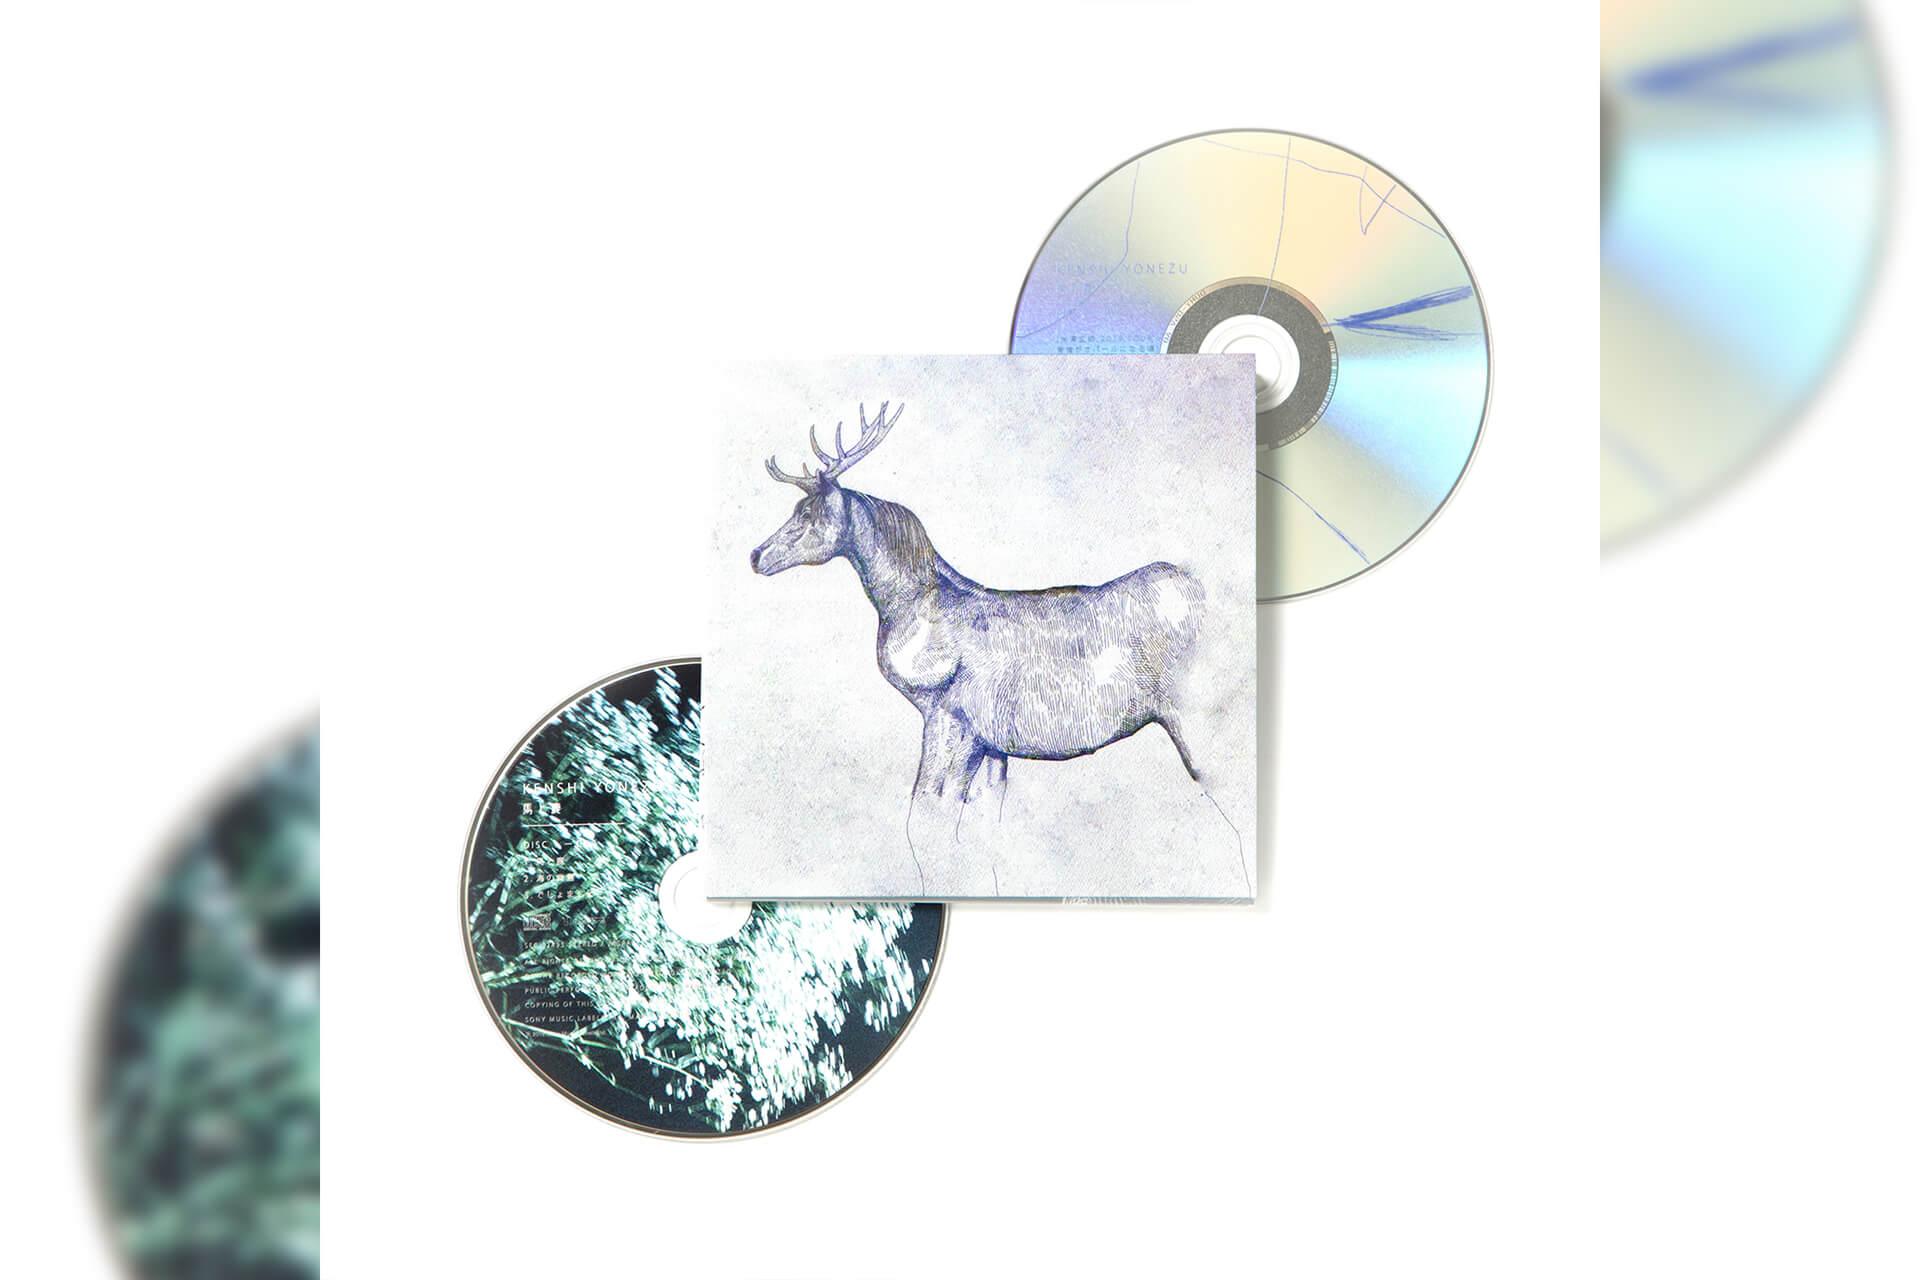 店舗特典が豪華すぎる!米津玄師のニューシングル 「馬と鹿」の商品写真が公開